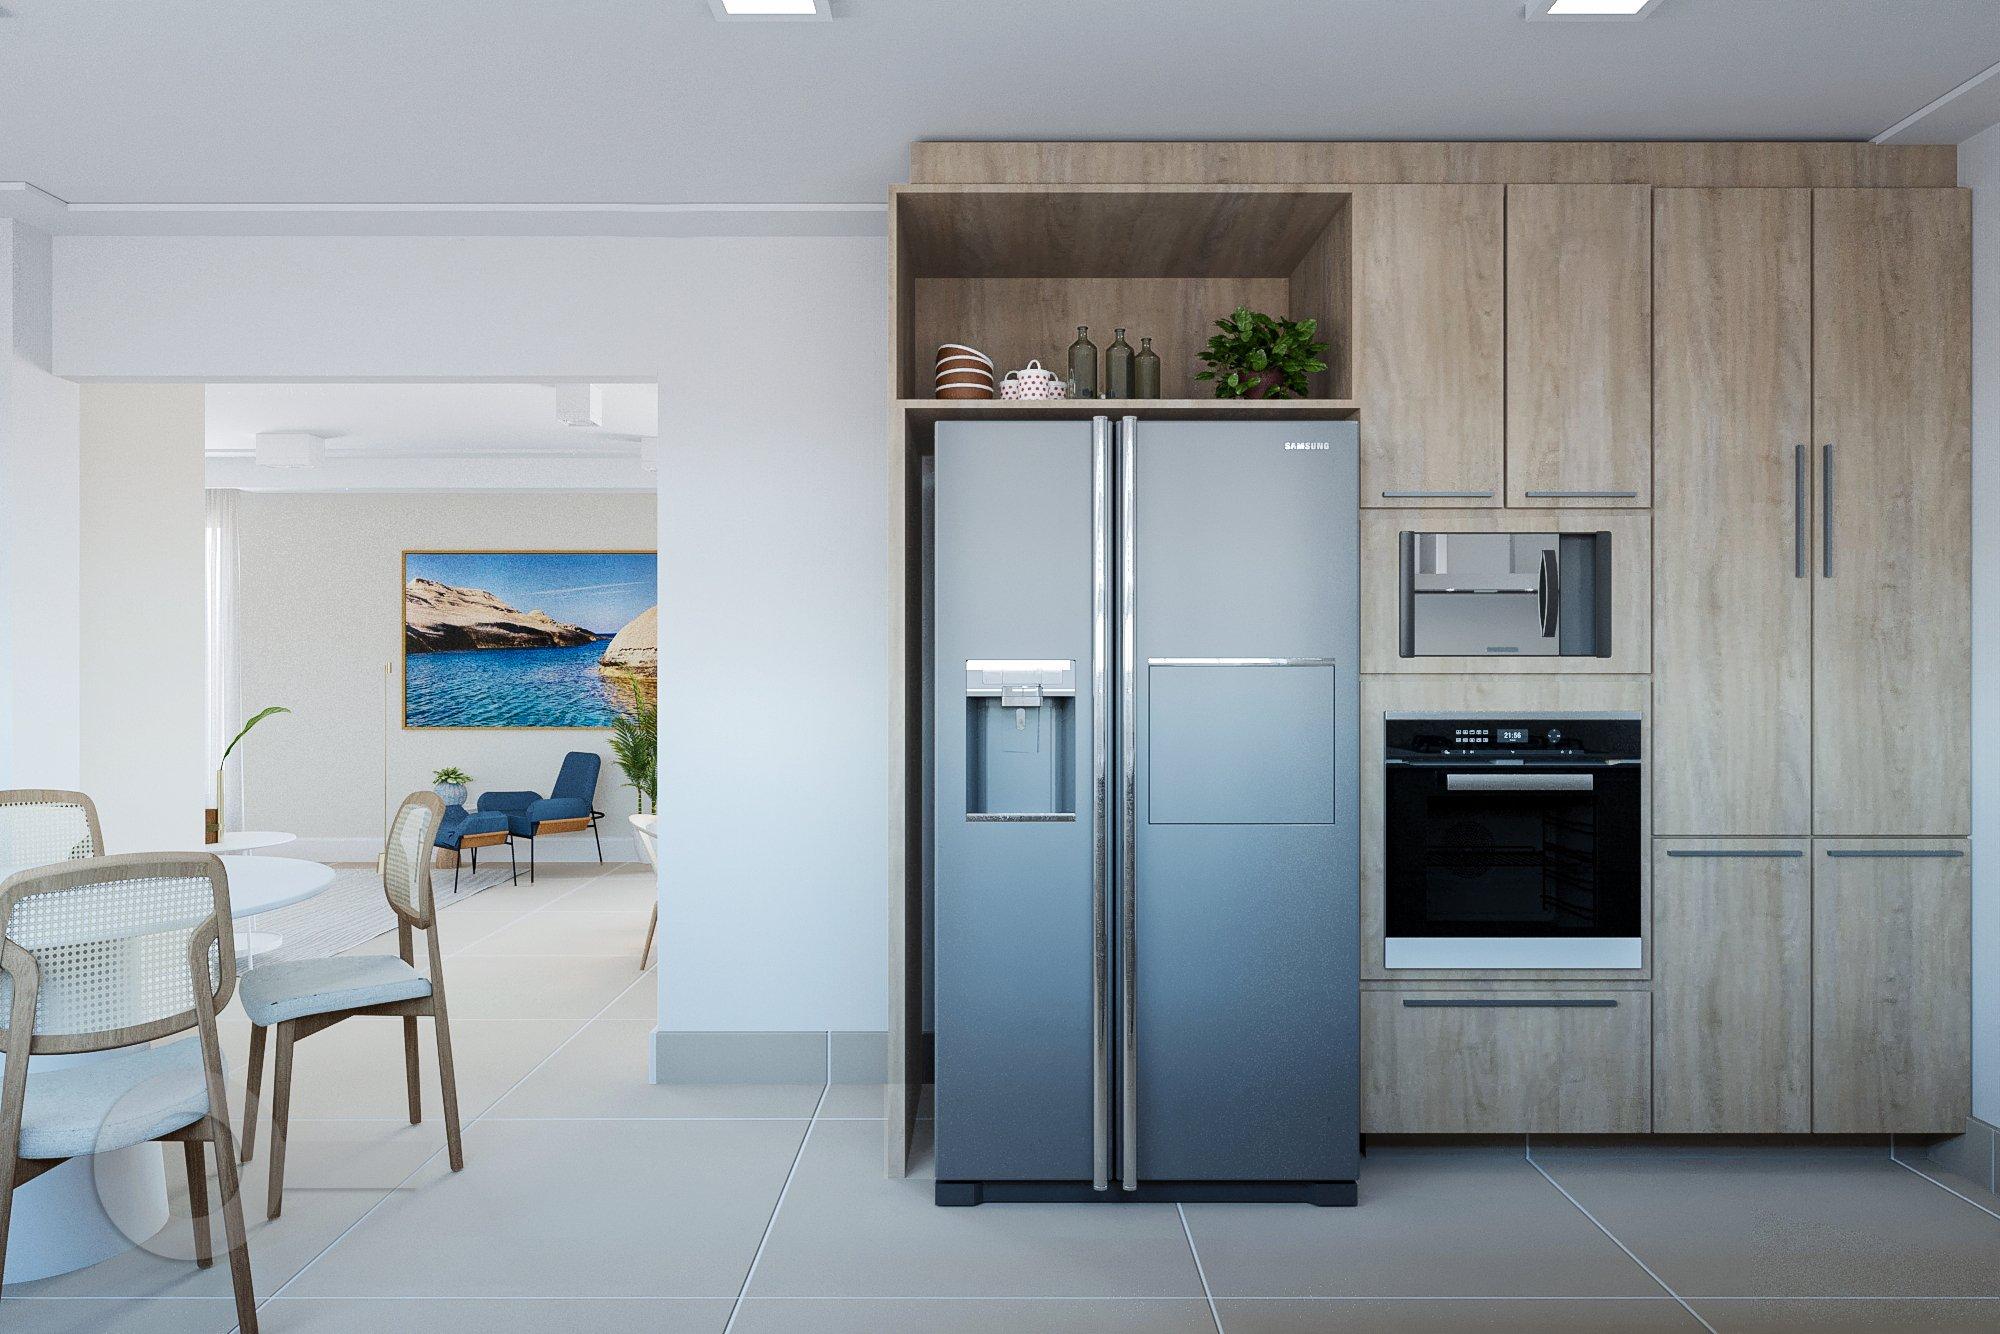 Foto de Cozinha com vaso de planta, forno, geladeira, cadeira, microondas